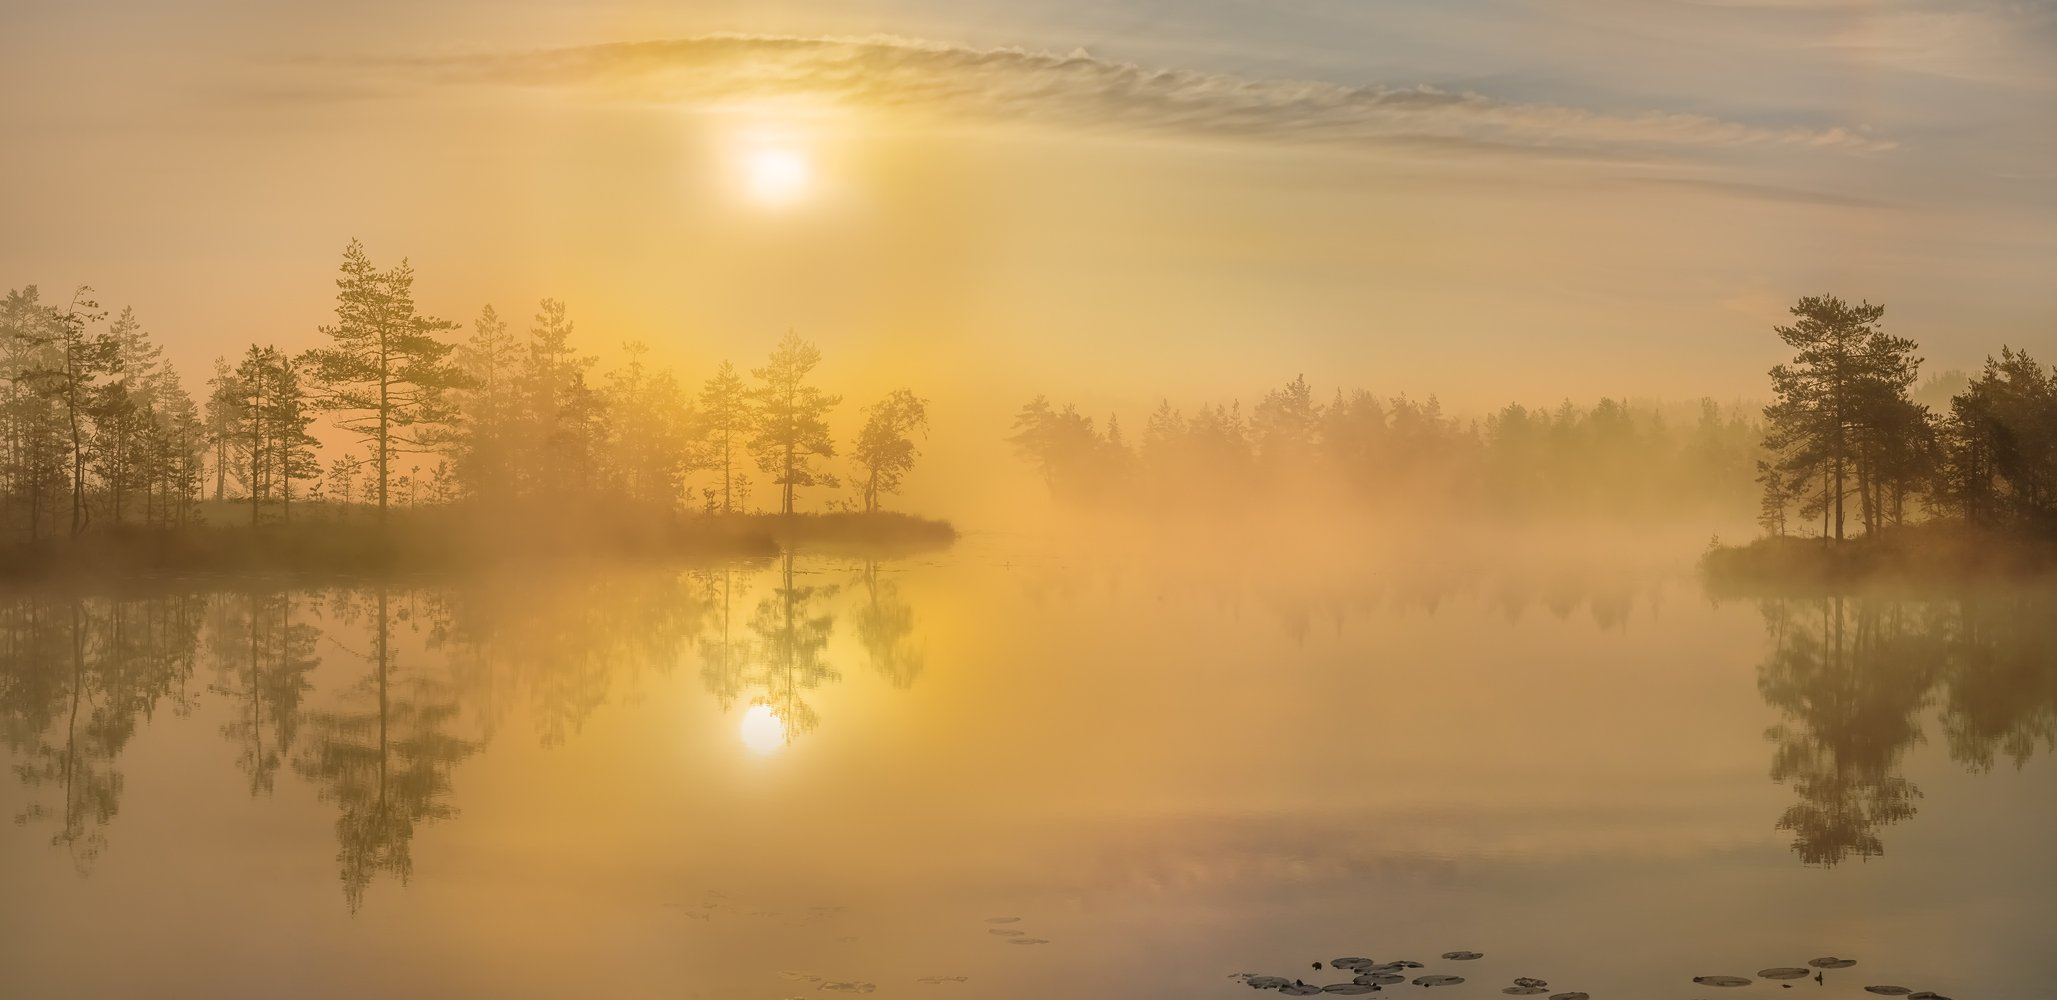 фототур, лето,  ленинградская область, деревья, сосна, остров, озеро, рассвет, туман, солнце, отражение., Лашков Фёдор